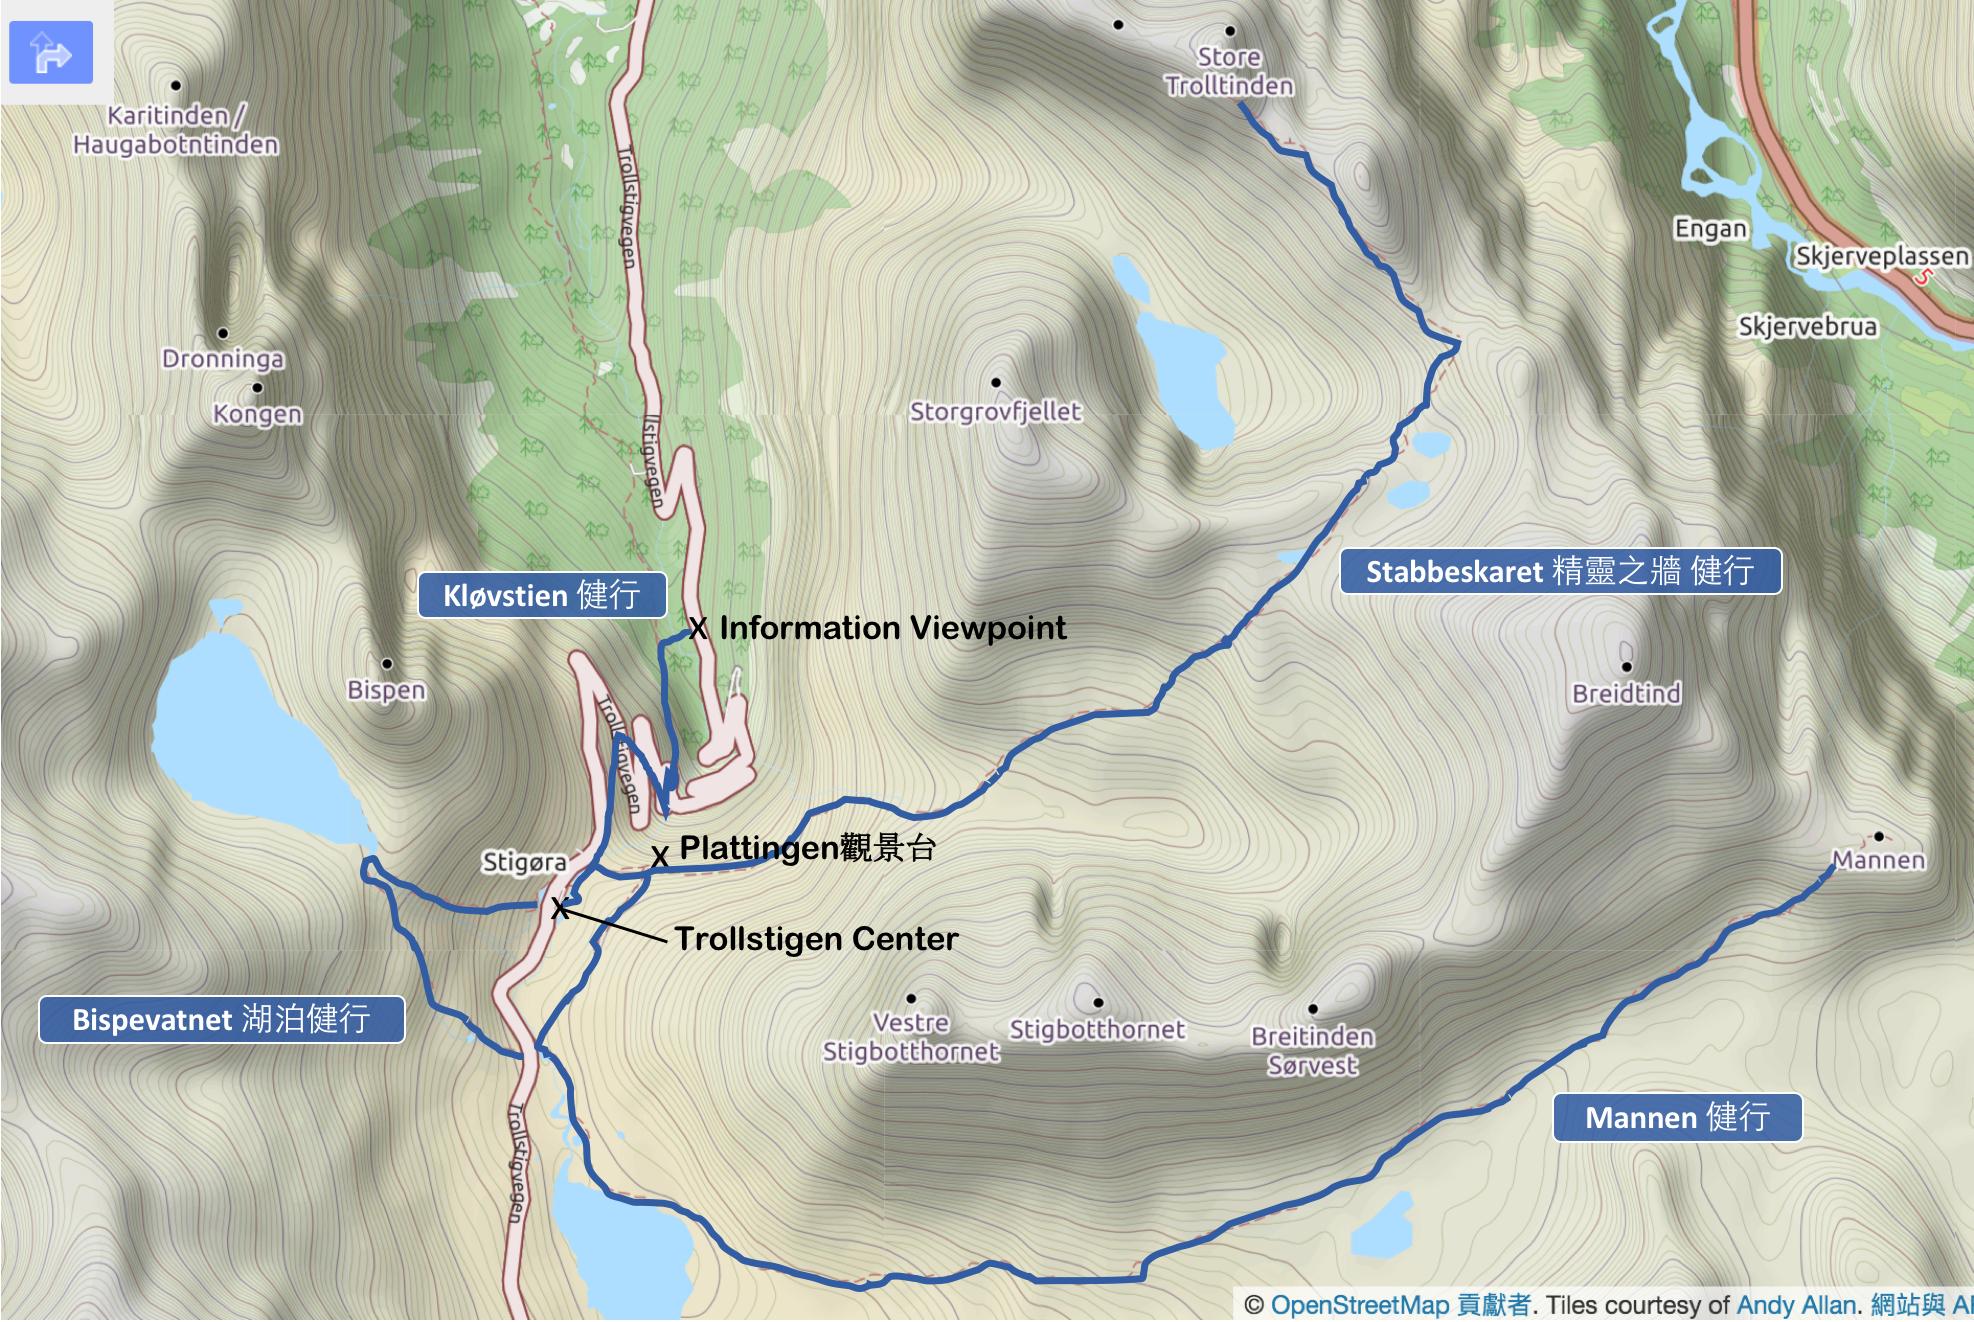 【北歐景點】Trollstigen 精靈之路 ∣ 挪威最驚險的世界級景觀公路 22